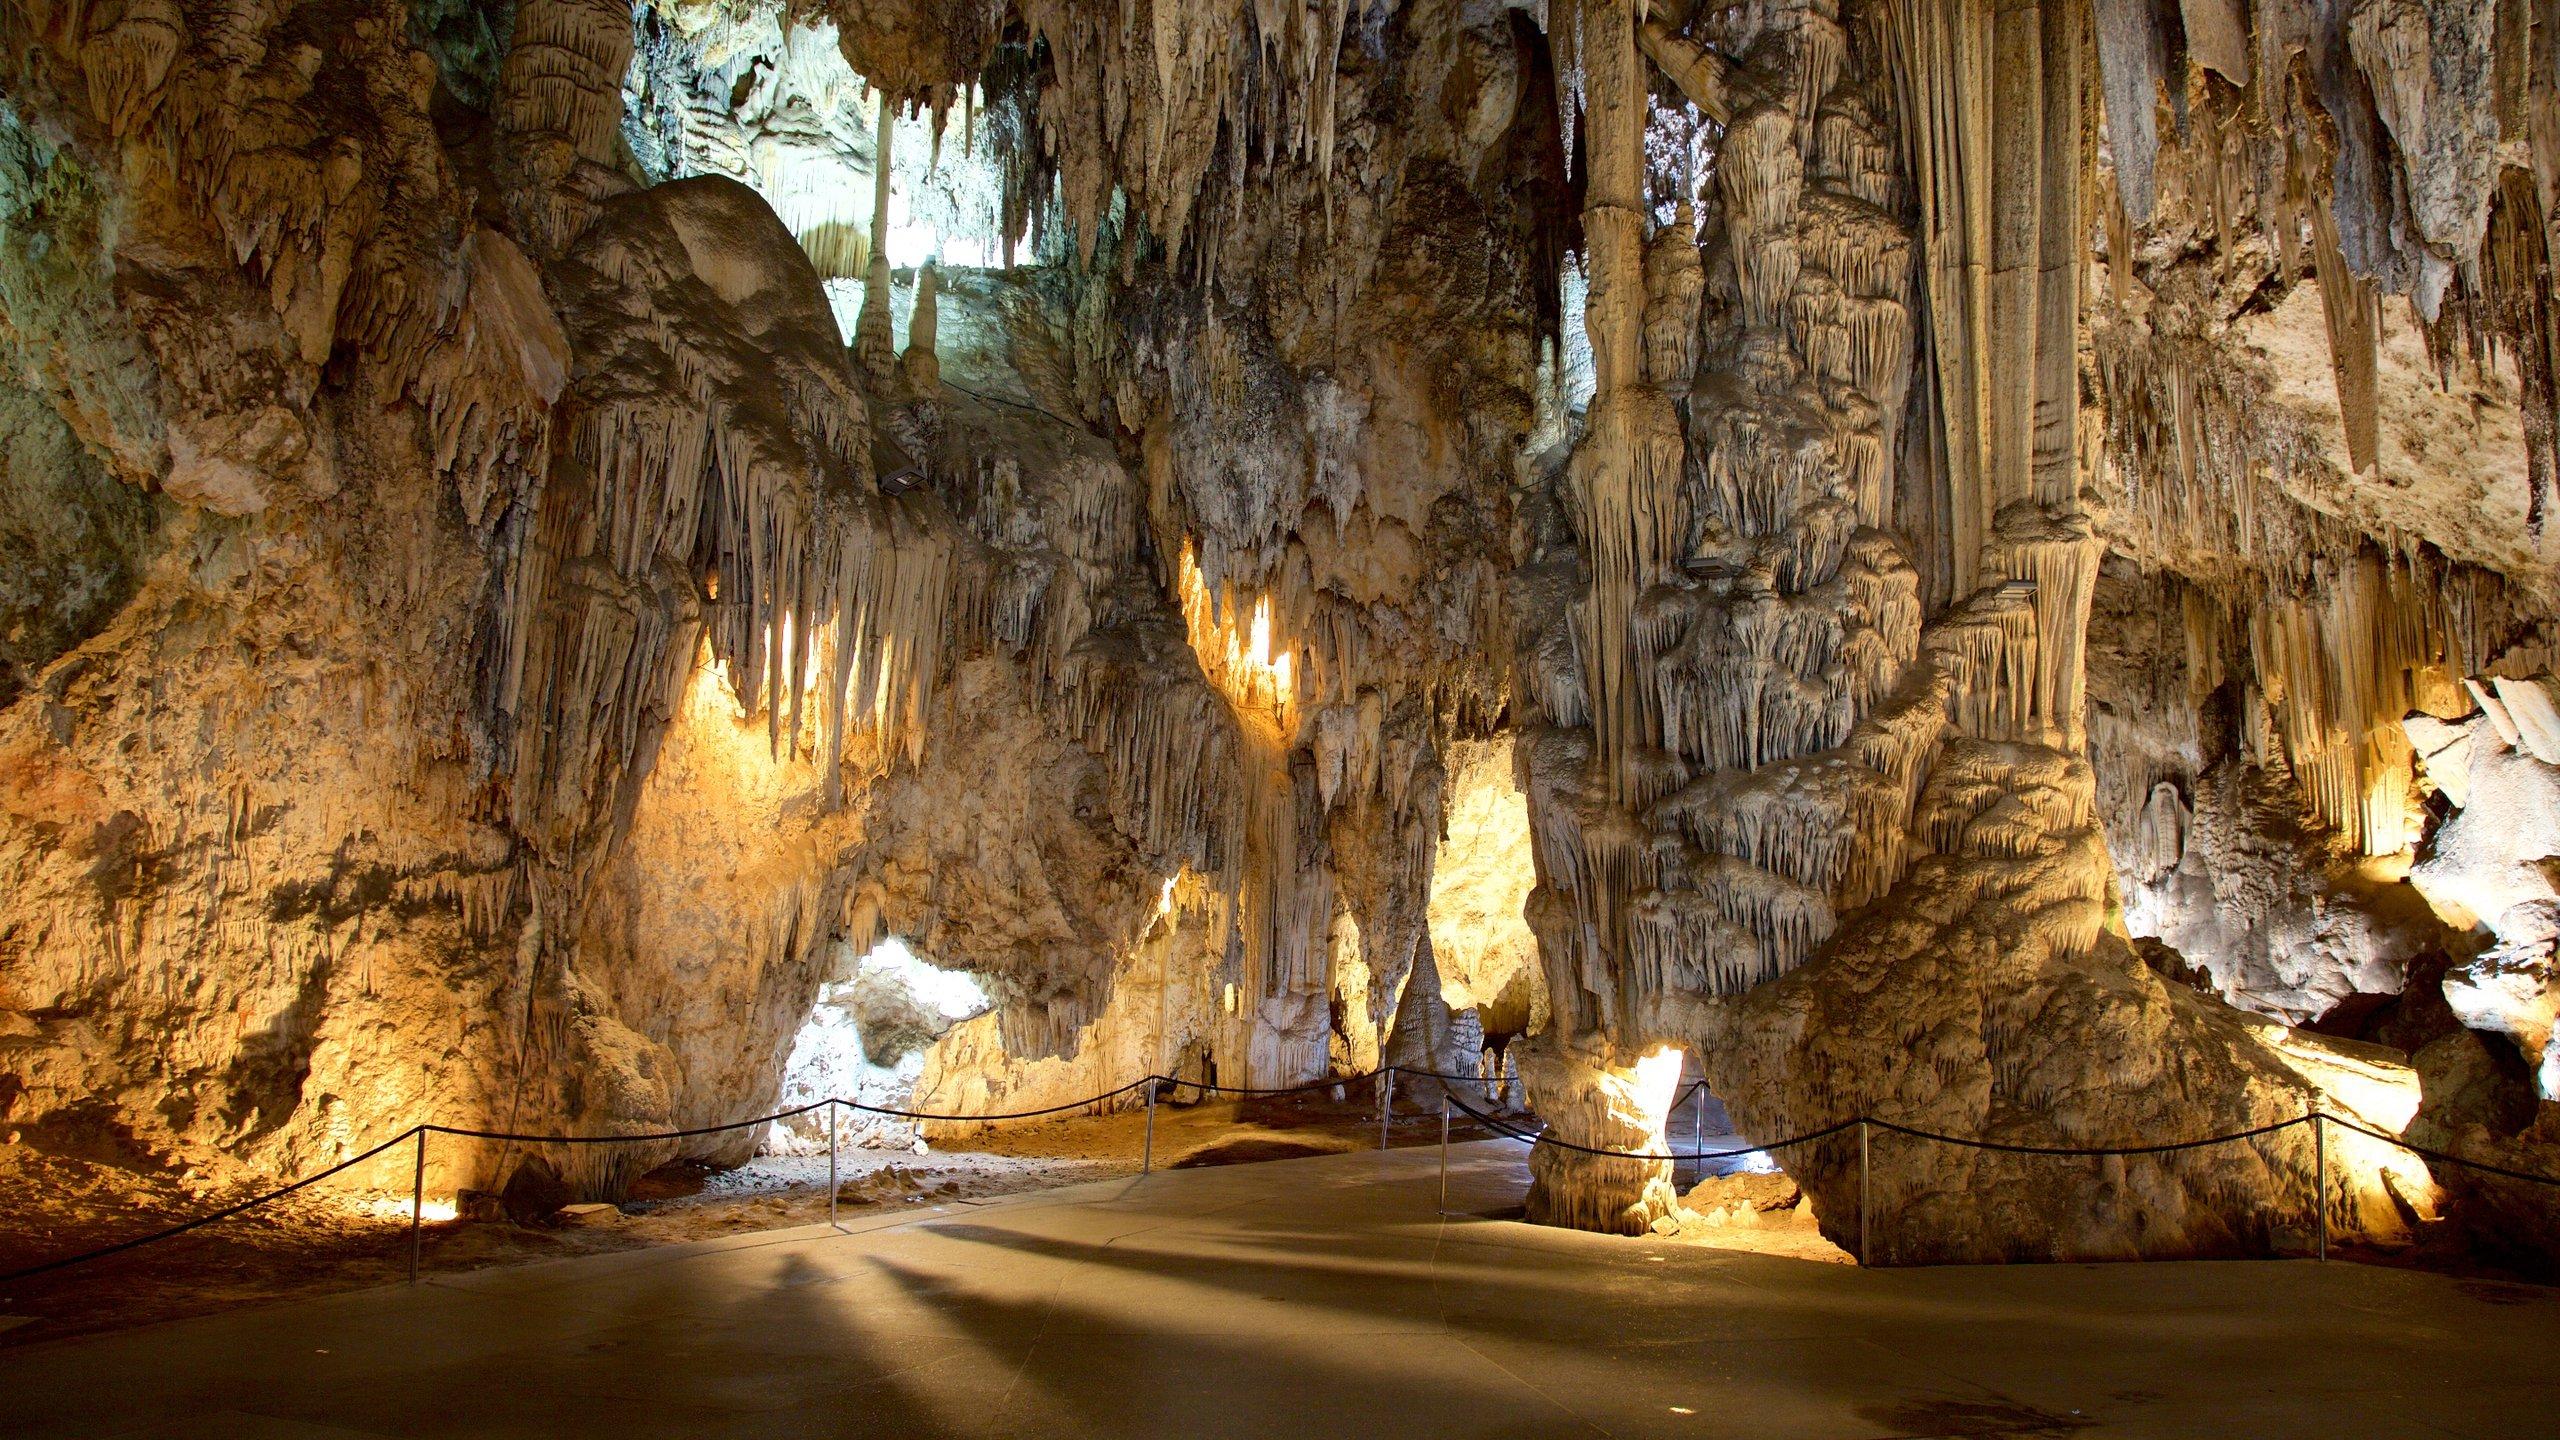 Admirez les immenses stalactites et stalagmites, de l'art pariétal ou assistez à un concert donné dans ce réseau de grottes datant du Trias.